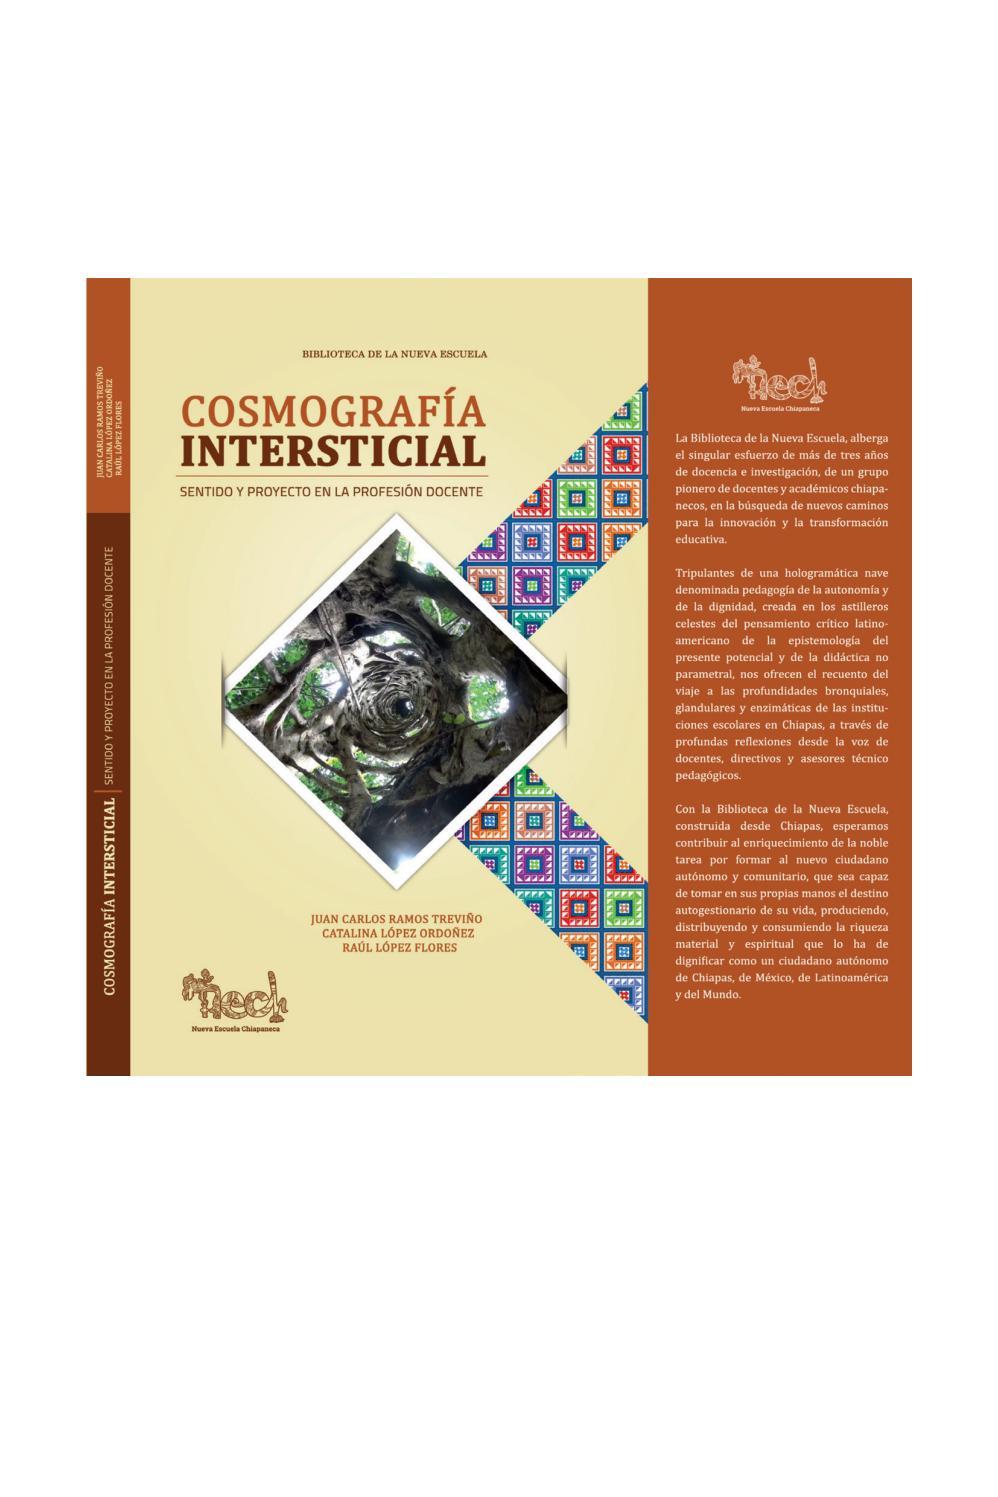 8b144d5c5 NECH - Cosmografía Intersticial (Libro 2) by Samuel Sabino - issuu